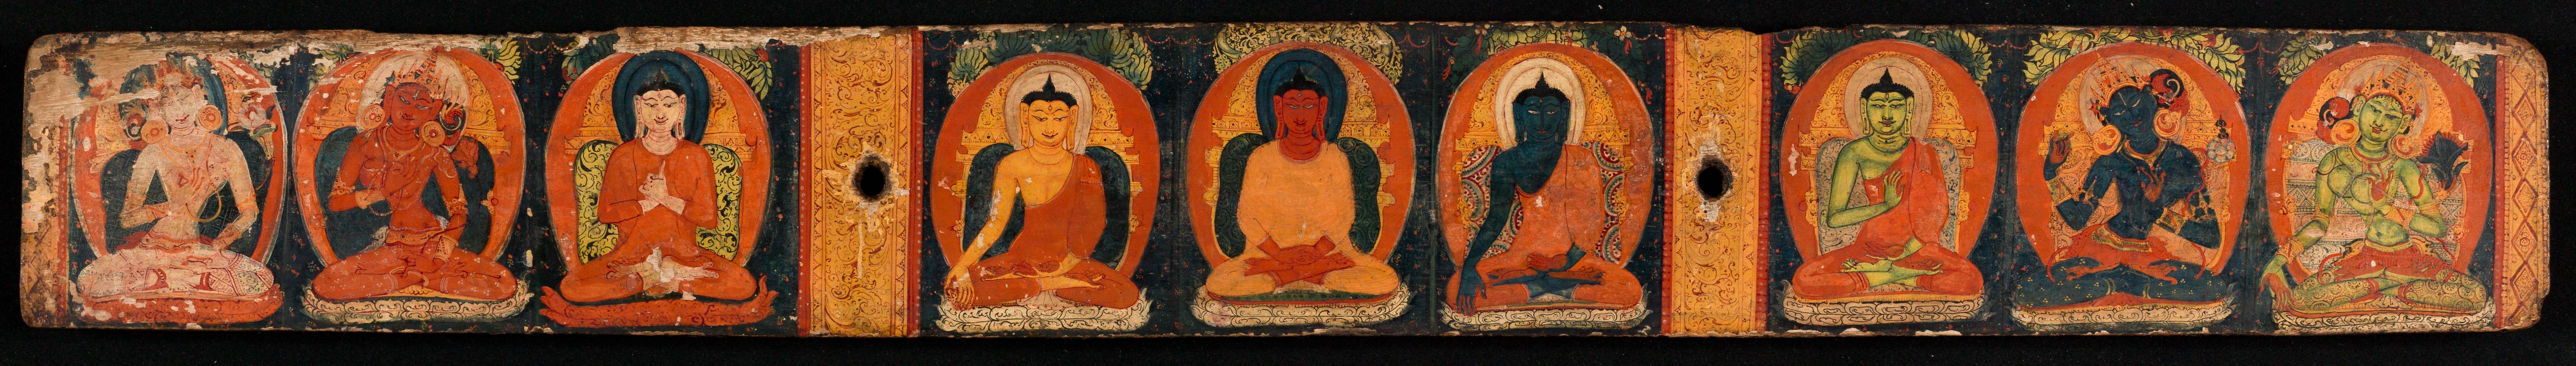 Ais représentant des Buddhas et Prajnaparamita